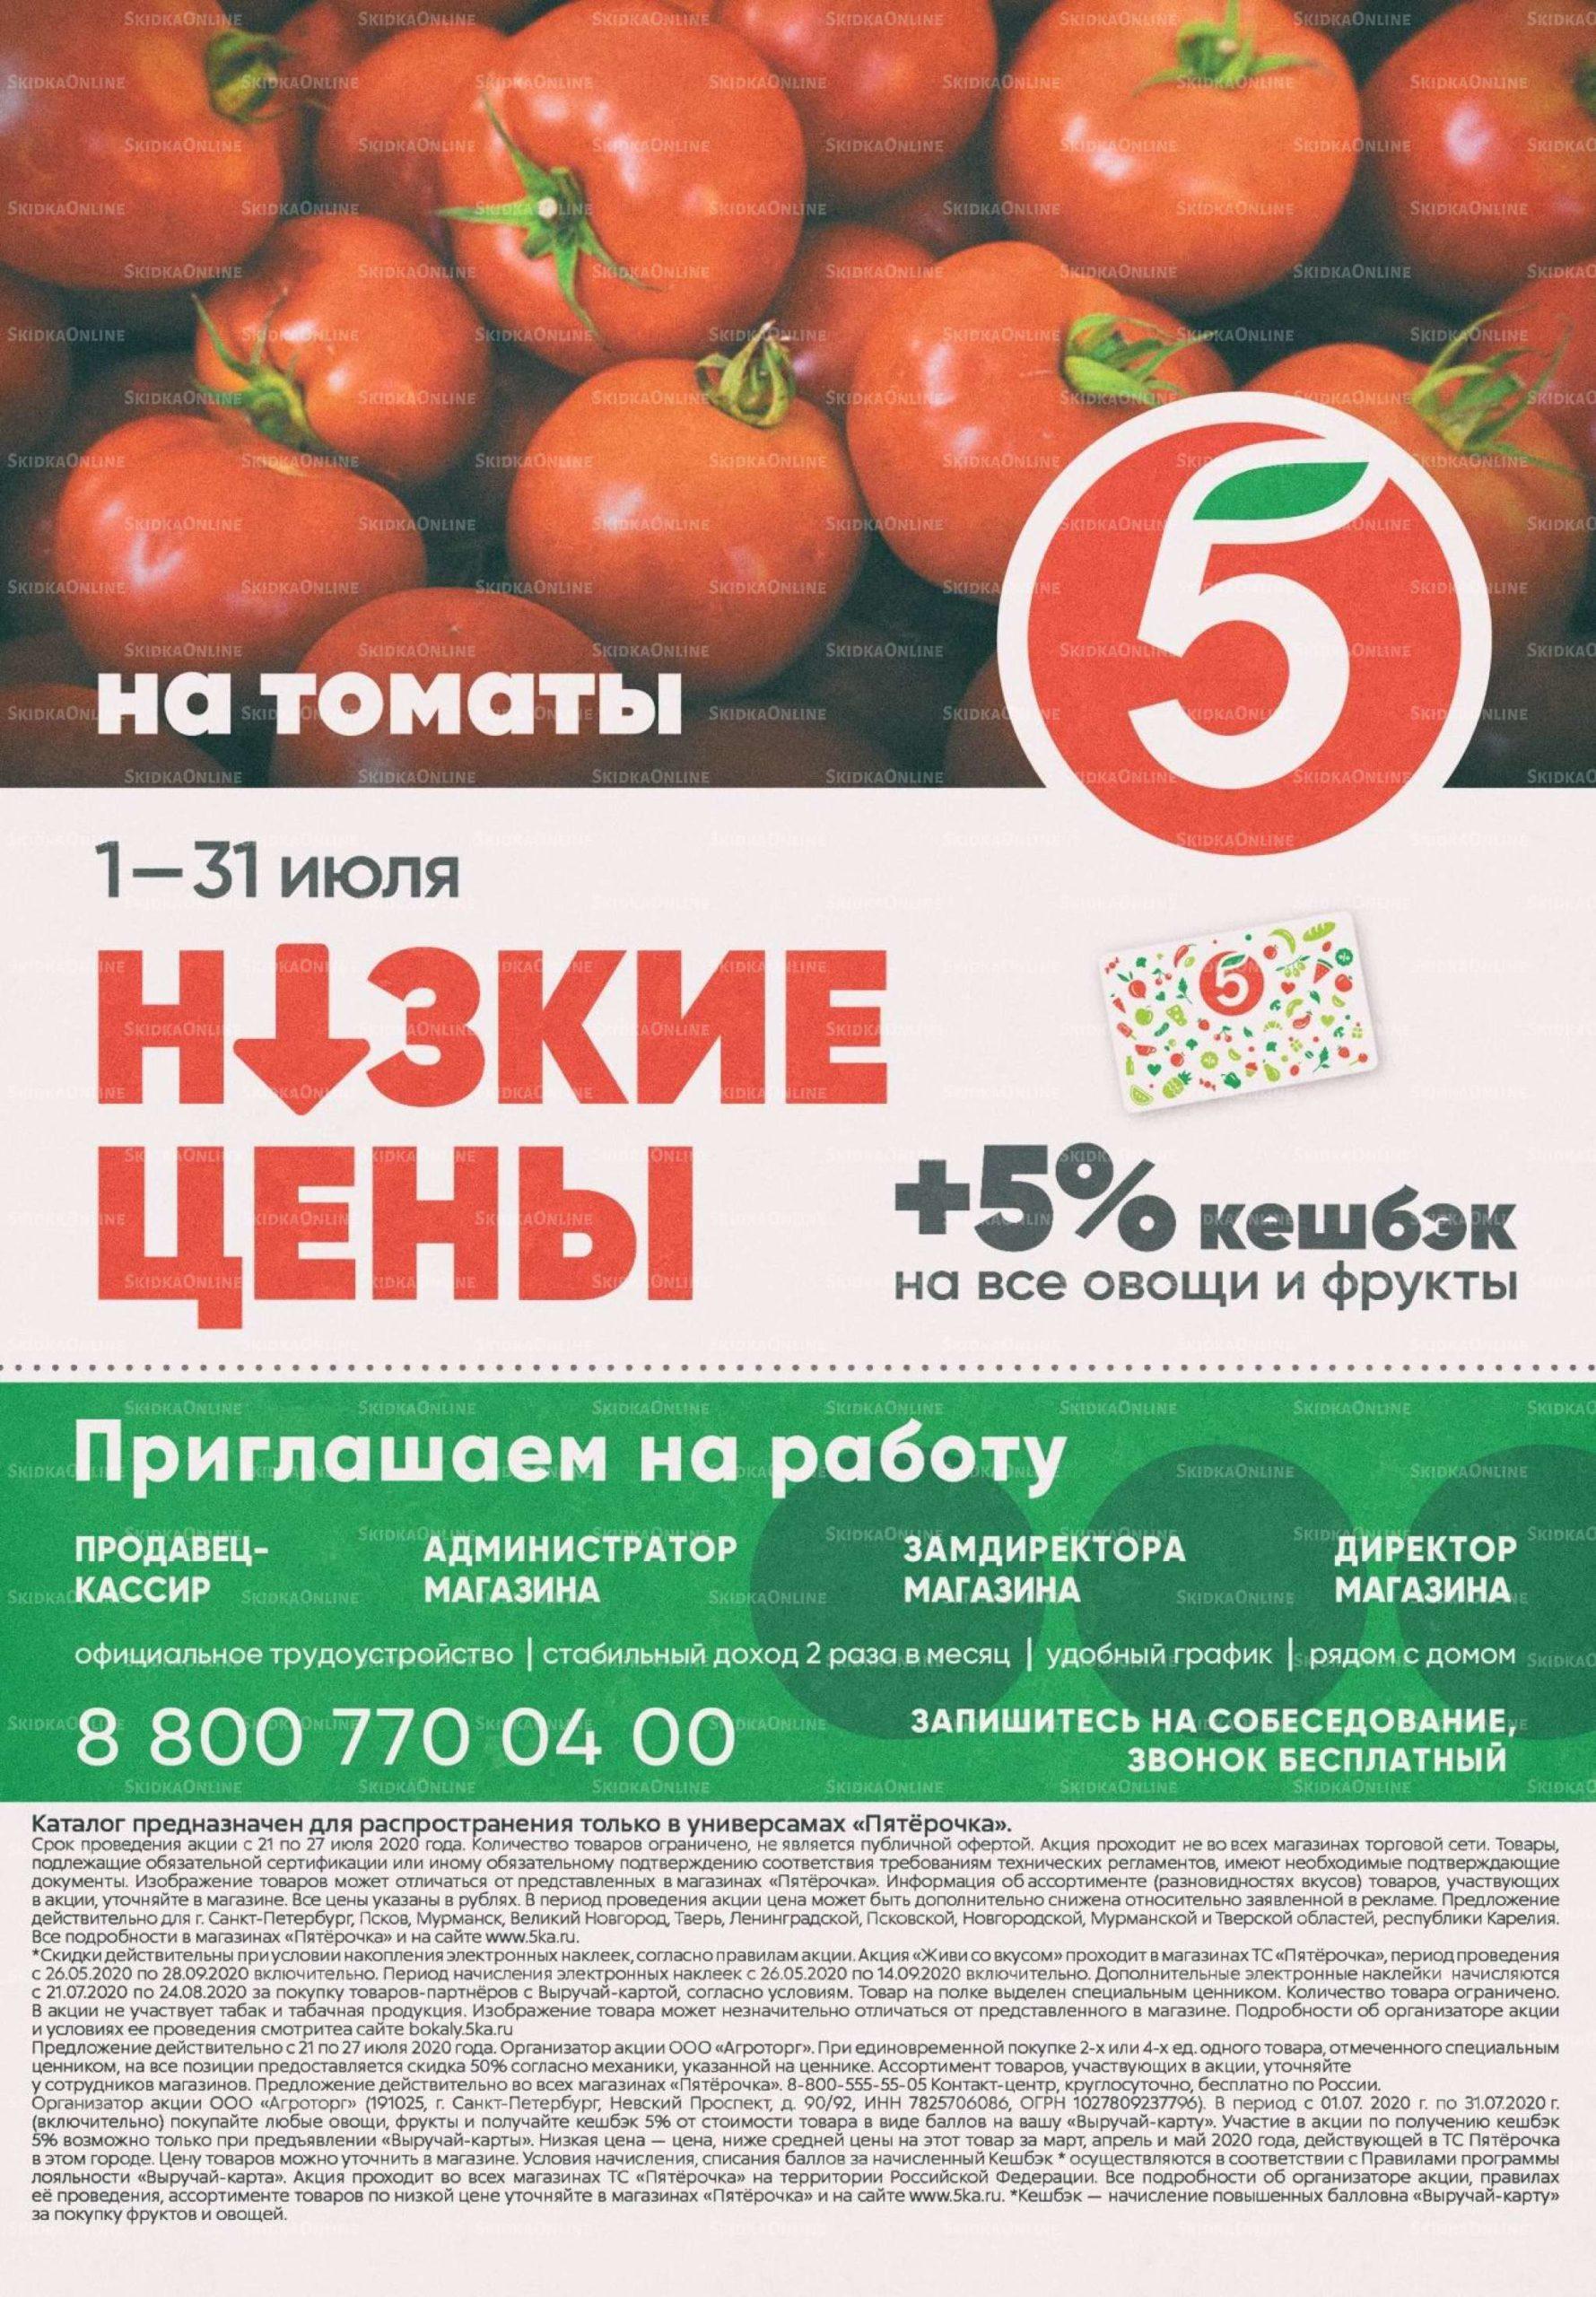 Акции в Пятёрочке с 21 по 27 июля 2020 года